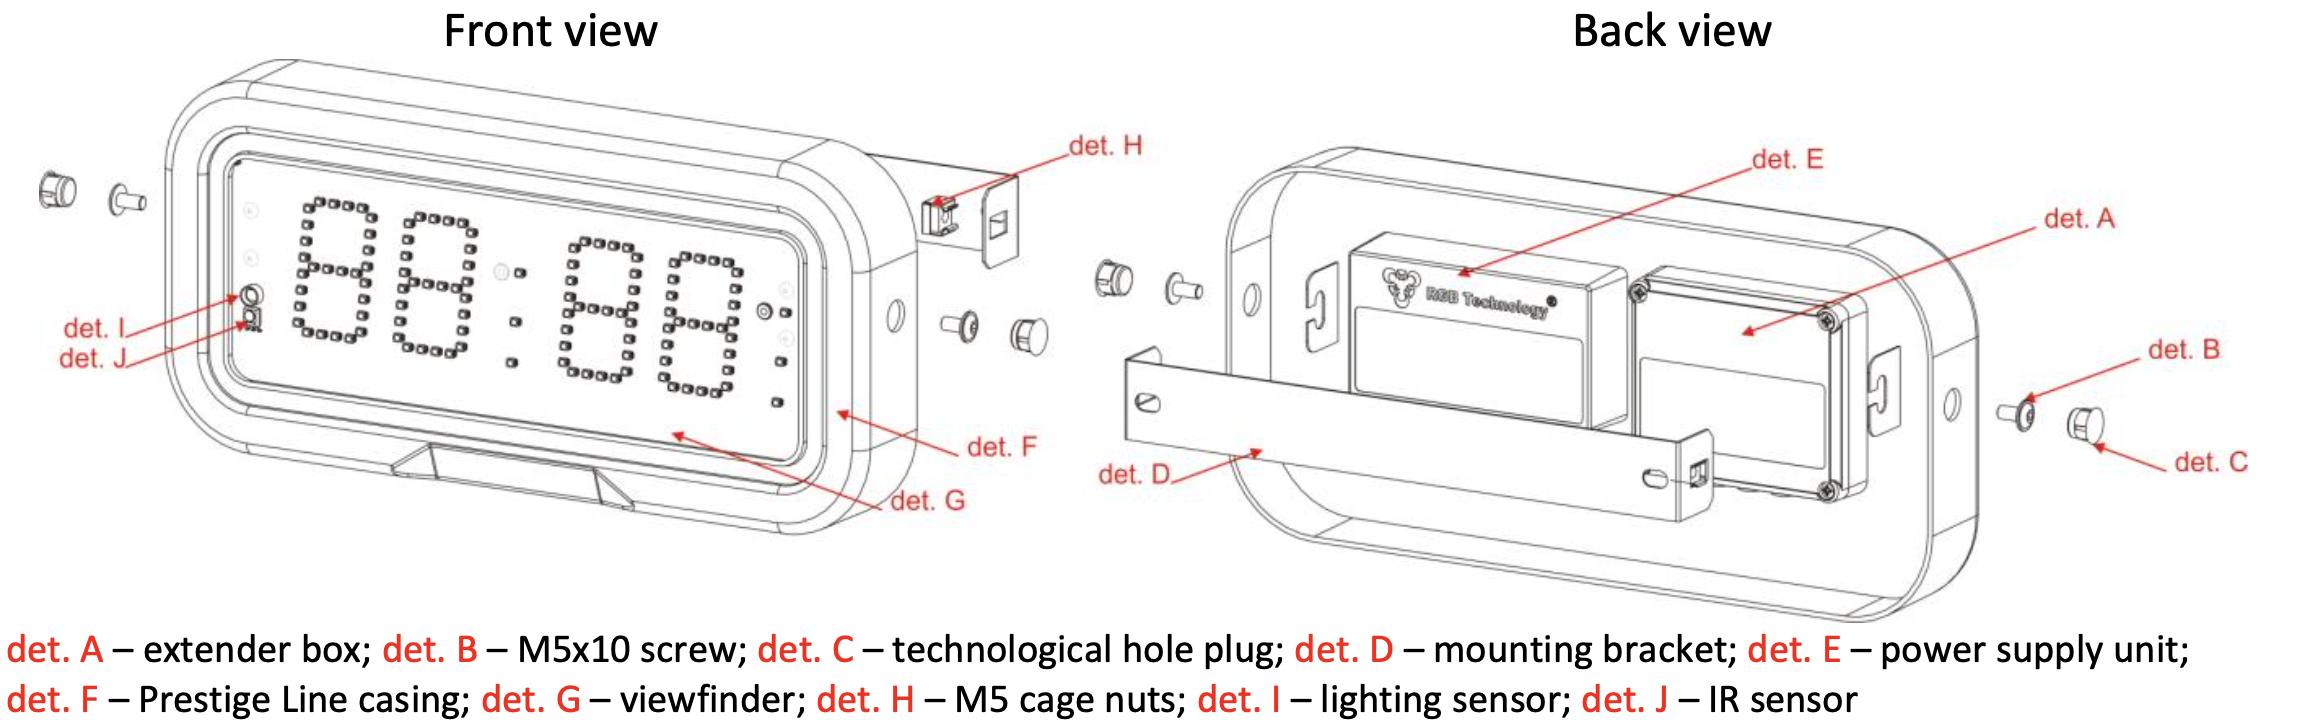 Layout schematic